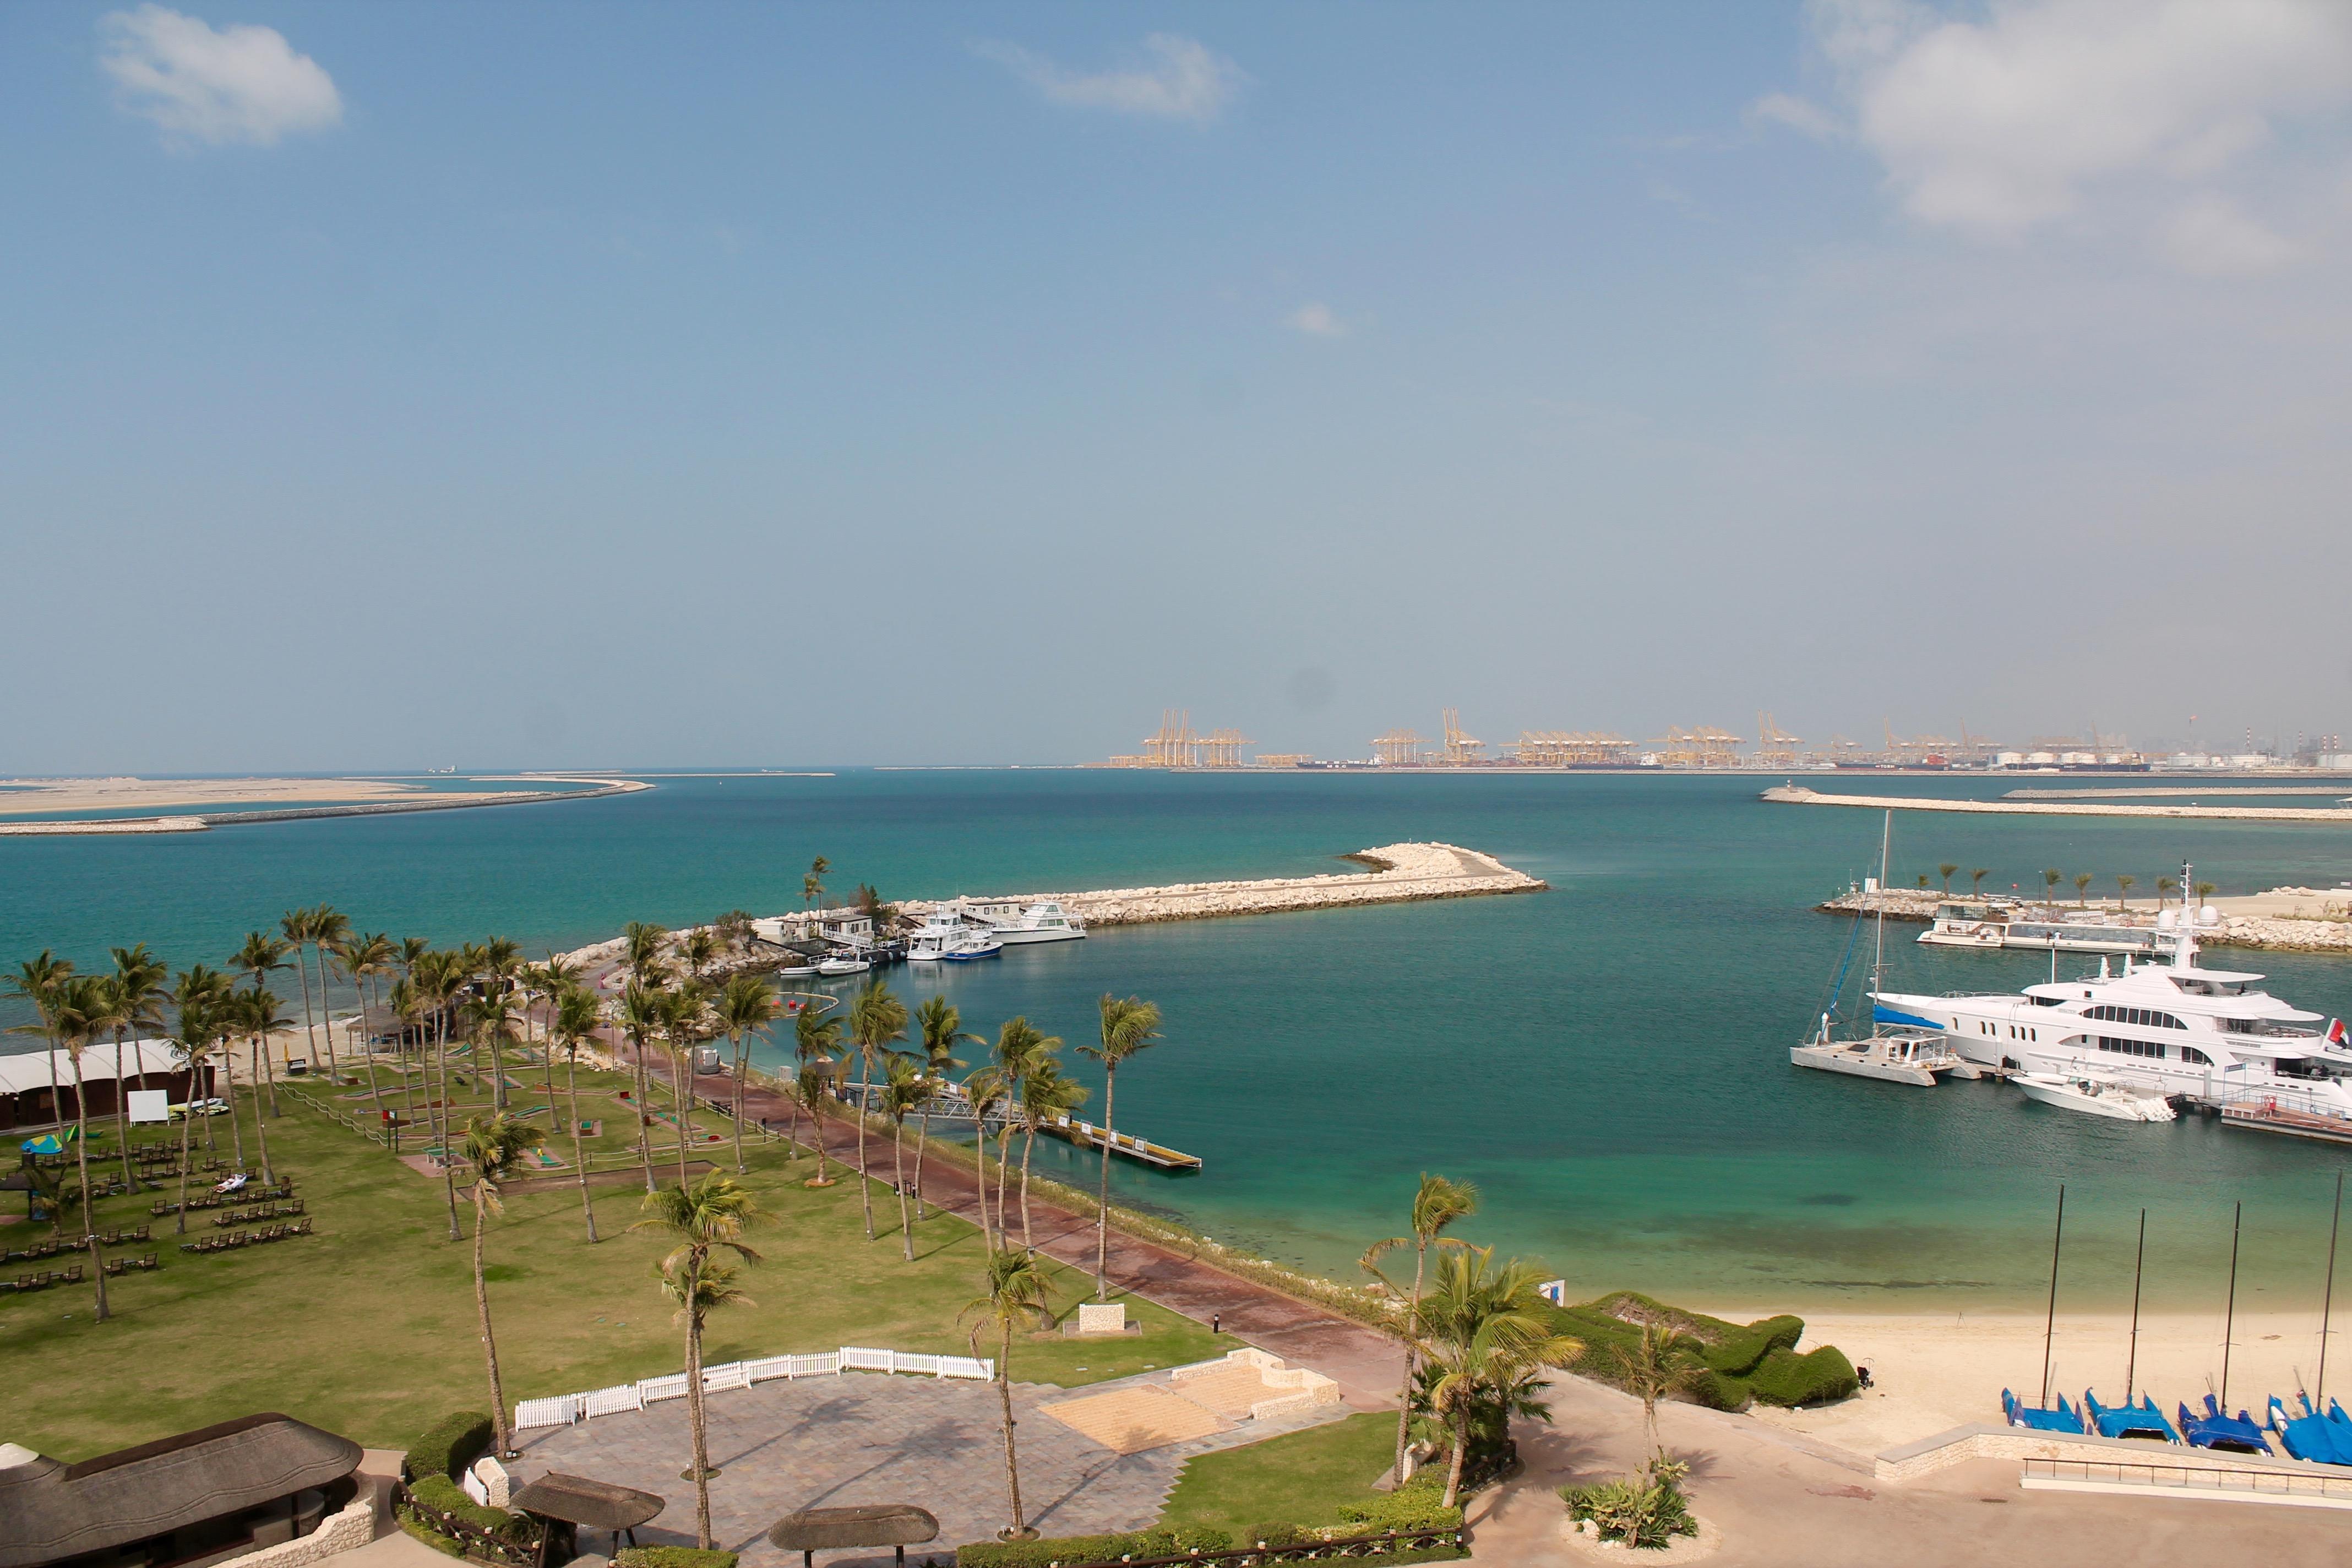 JA Jebel Ali Beach Hotel Golf Resort Dubai Familienurlaub Reise mit Baby - Reiseblog ferntastisch